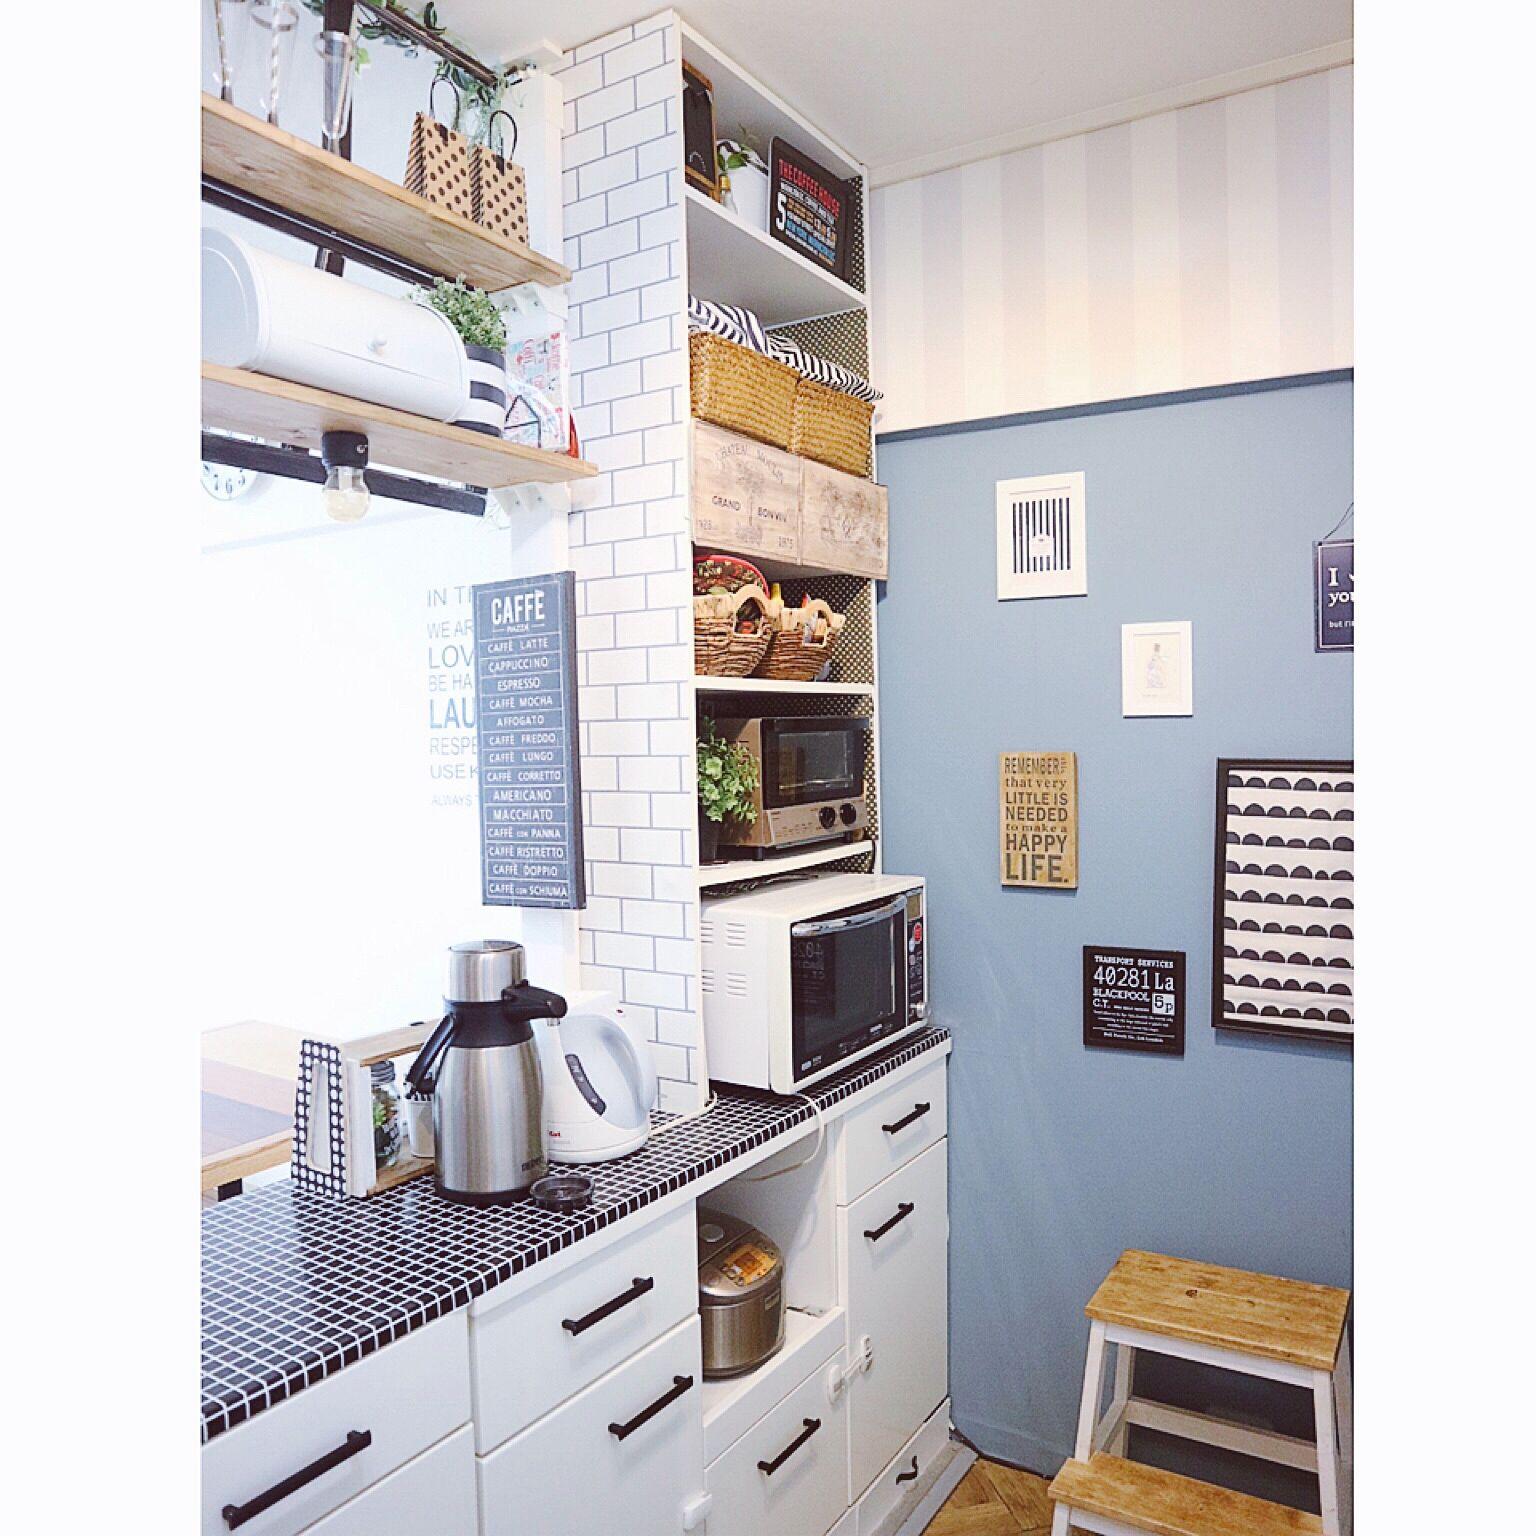 キッチンで使いこなす☆カラーボックスの活用実例